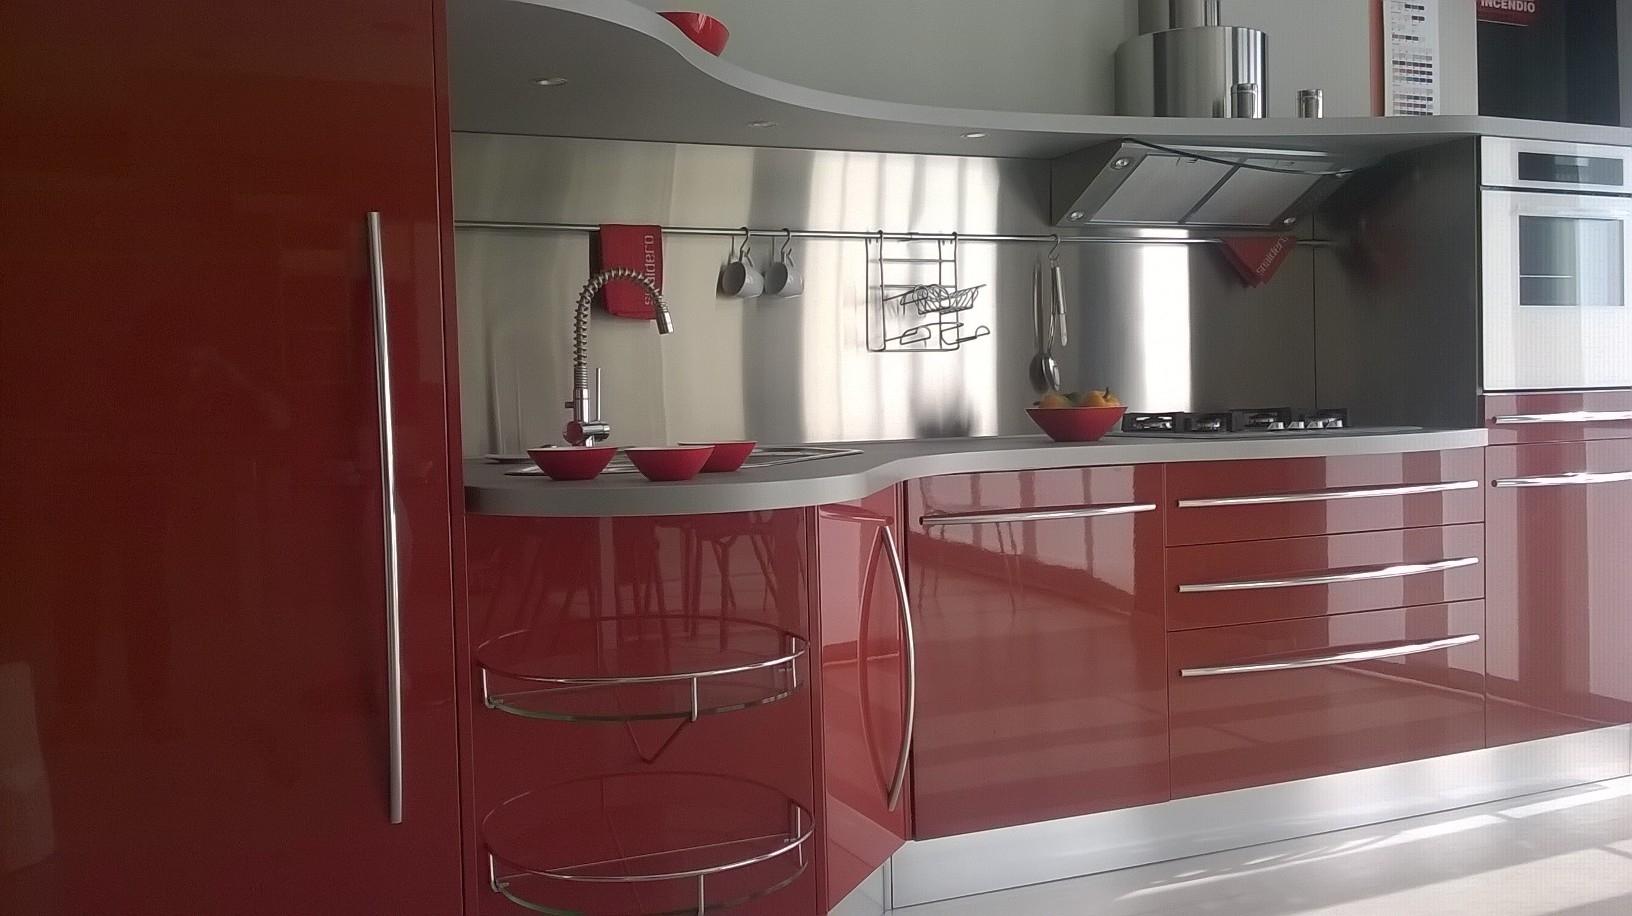 Snaidero Cucina Skyline Scontato Del  61 % Cucine A Prezzi Scontati #46231E 1632 916 Veneta Cucine O Snaidero